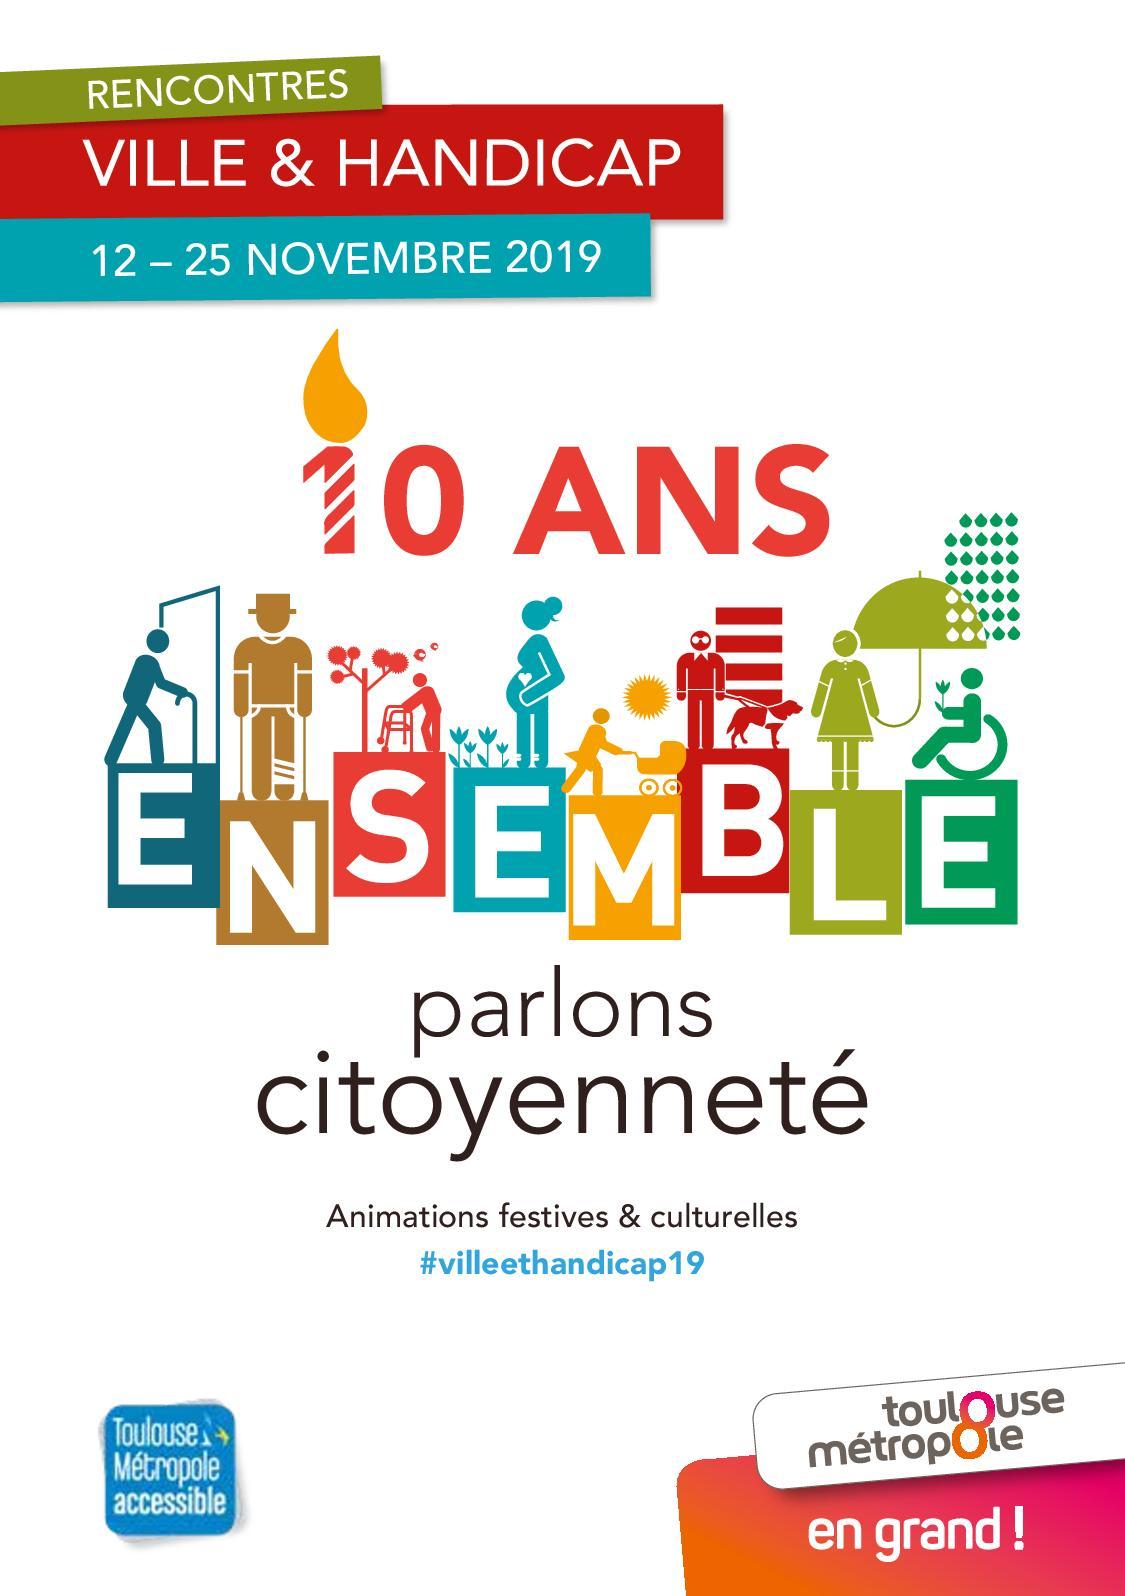 Mouvement Citoyen Alexandre Jardin Unique Calaméo Programme Rencontres Ville Handicap 2019 Of 33 Unique Mouvement Citoyen Alexandre Jardin